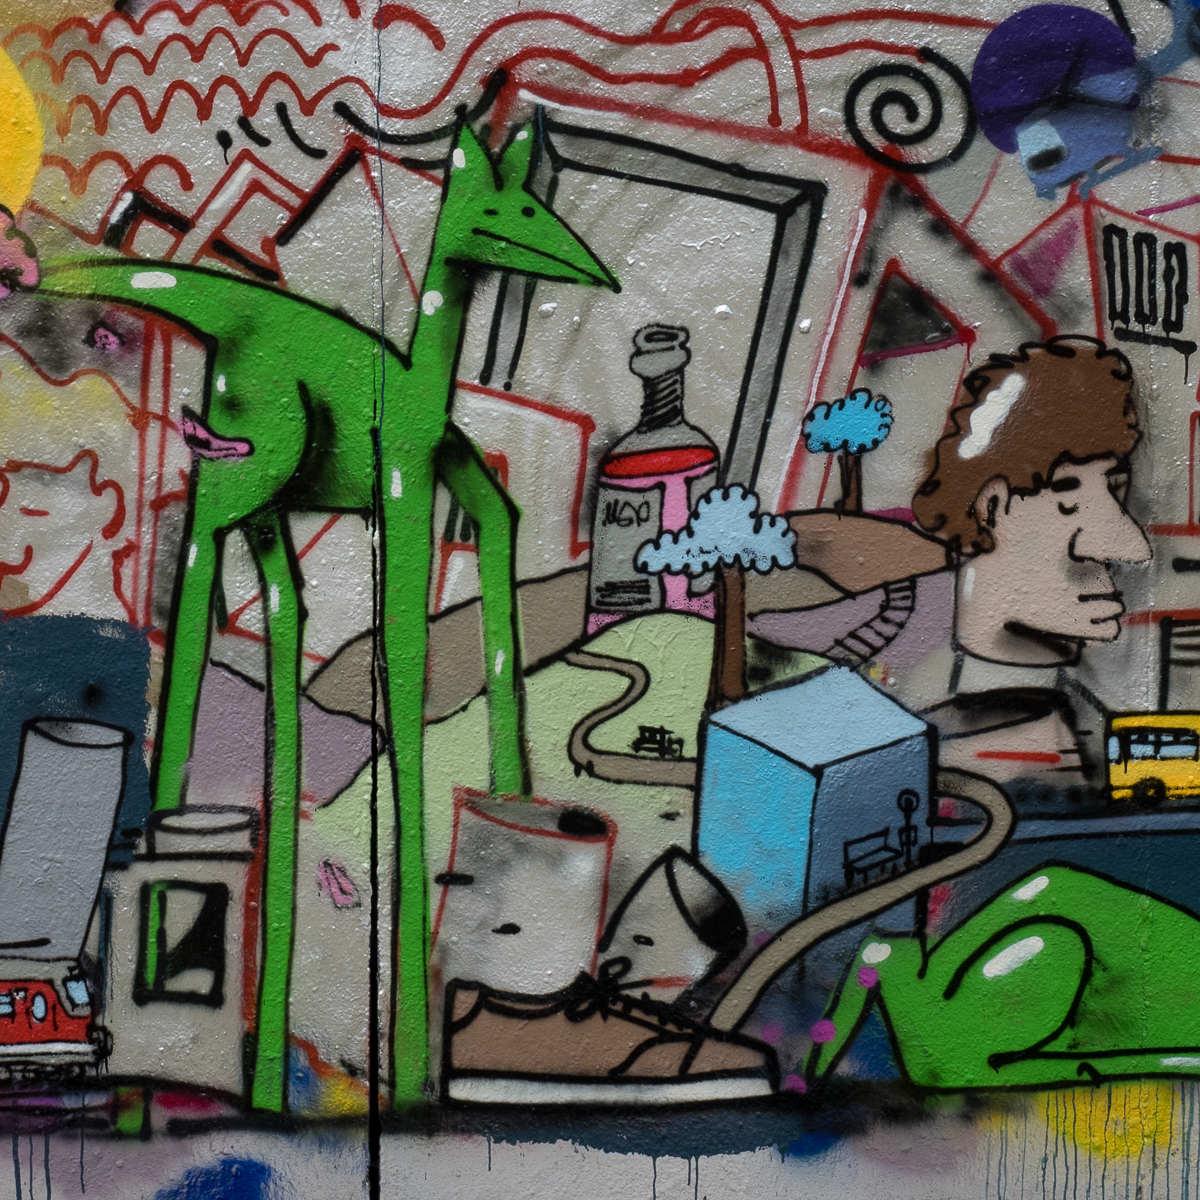 Frankfurt - Kunst by Lebsch Fryday im Hof der Naxoshalle - Time is running